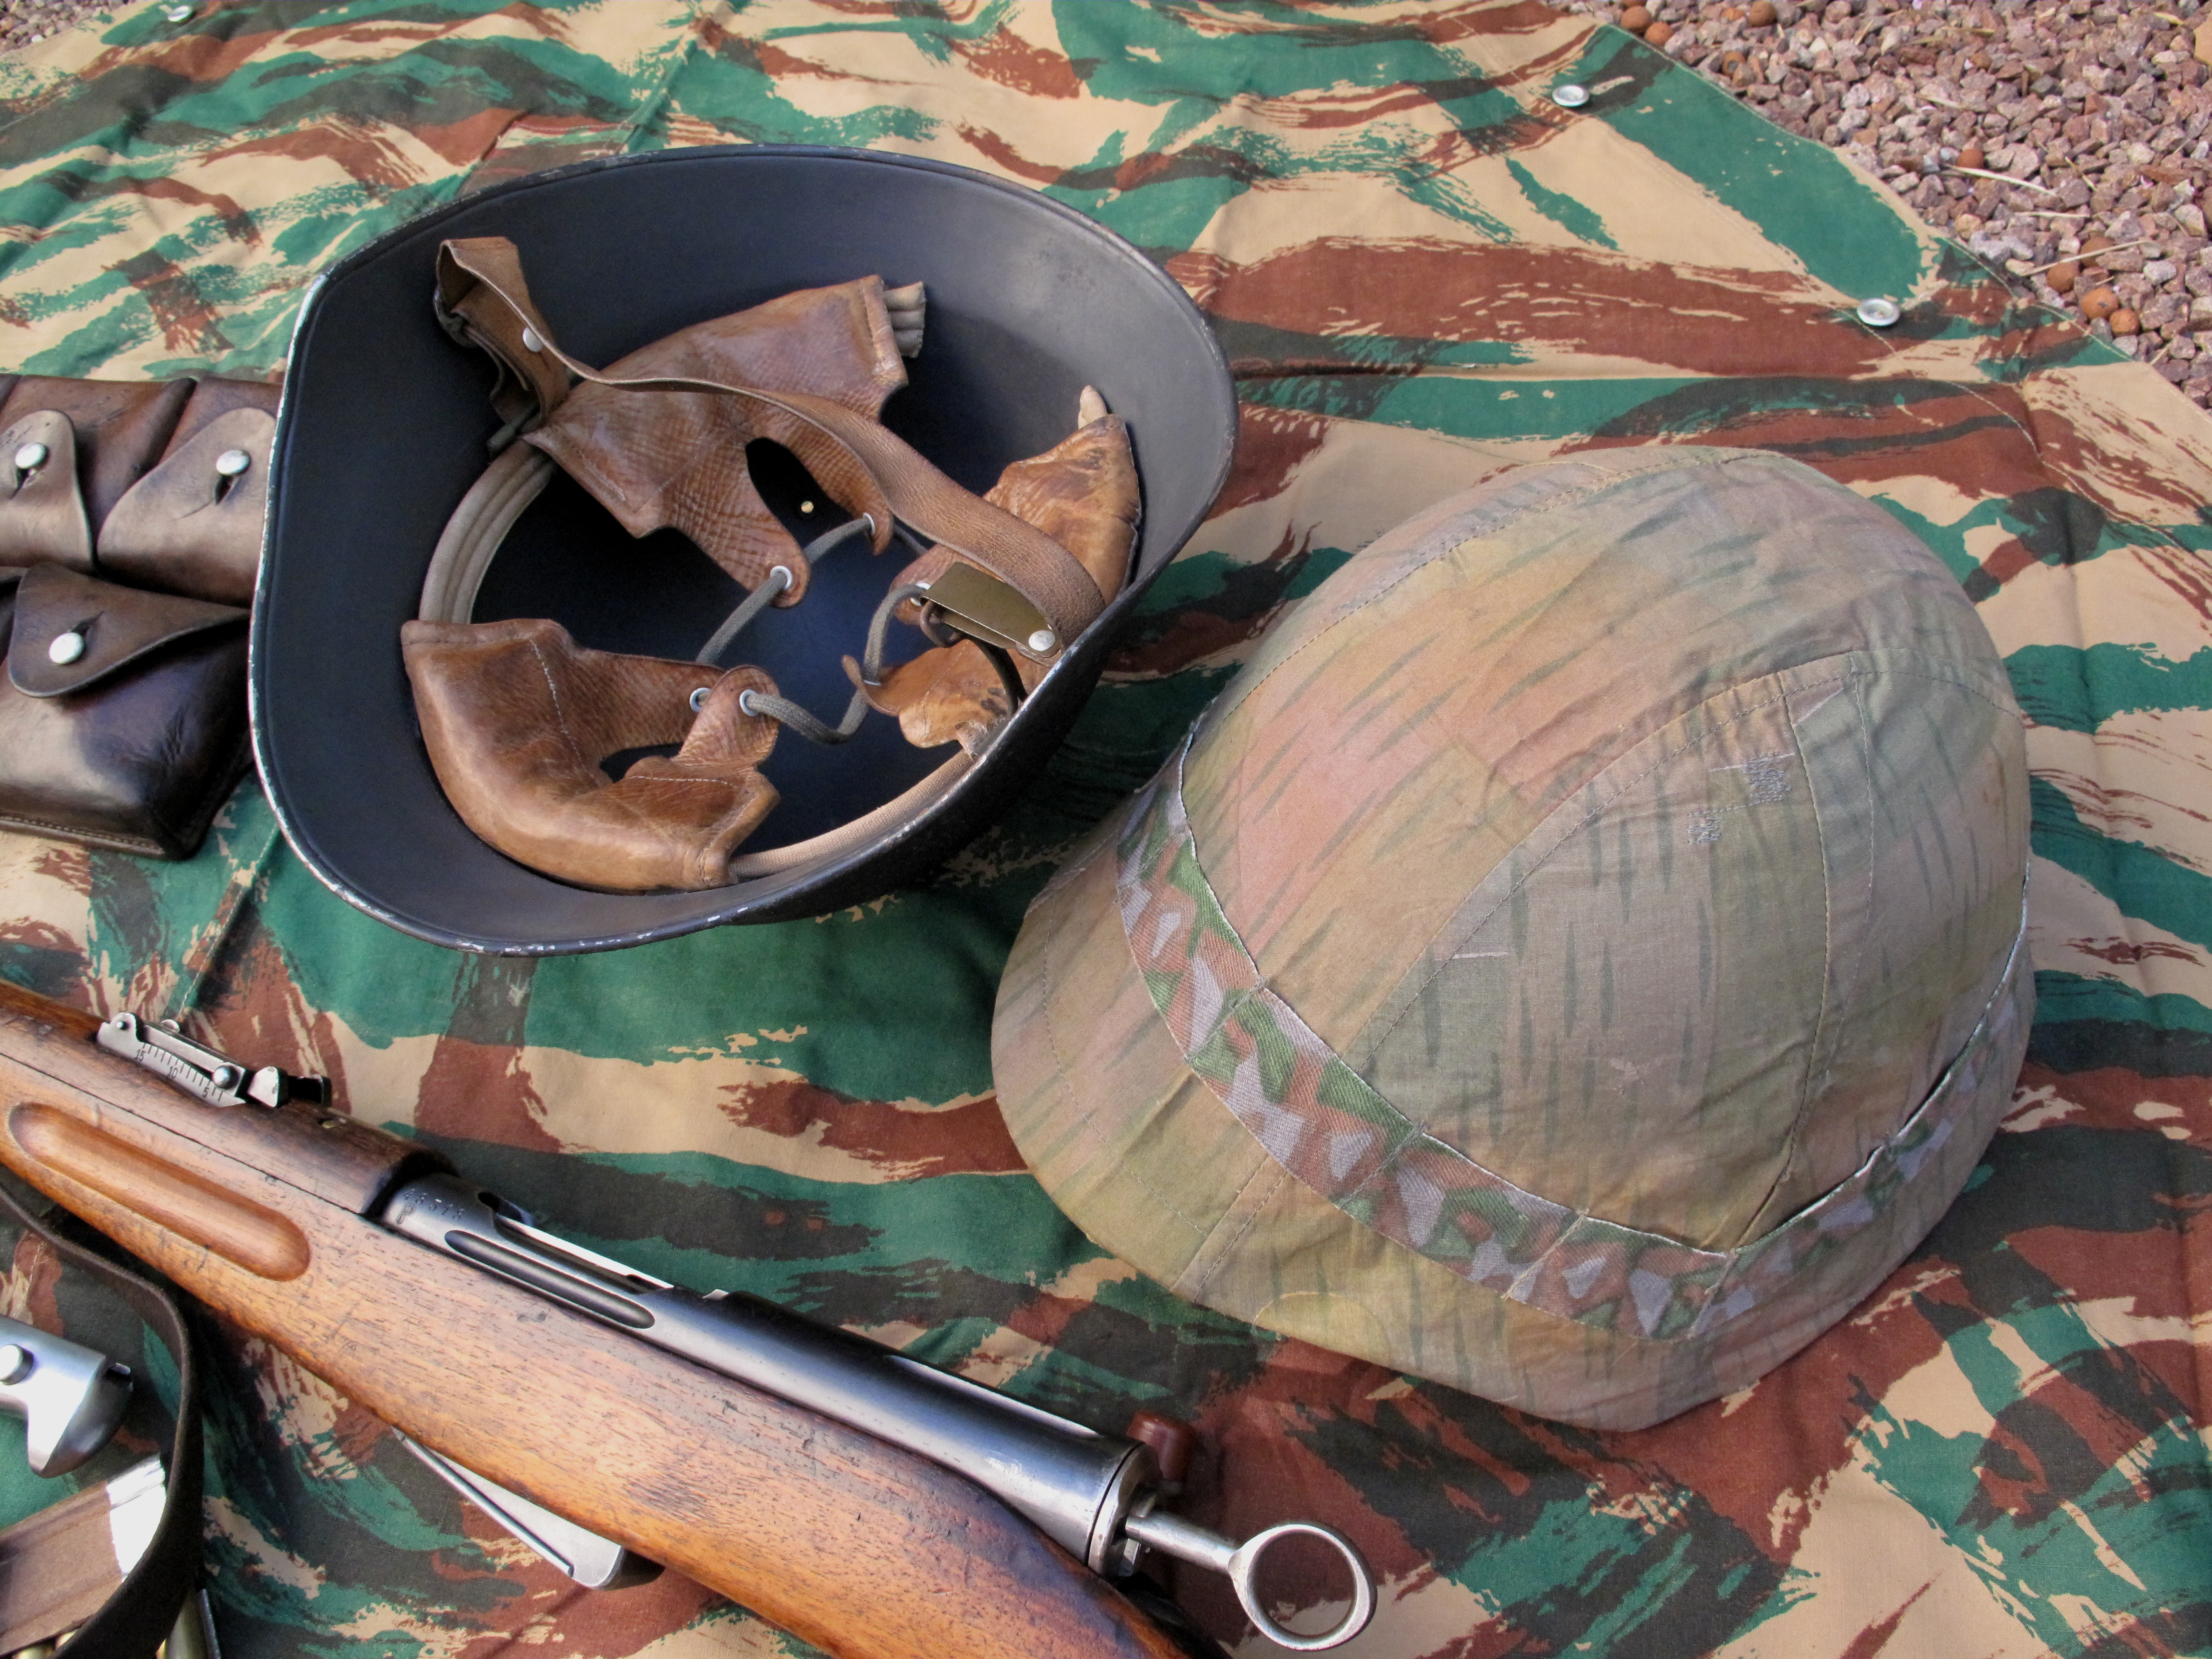 Le casque modèle 18/40 (adopté en 1918, modifié en 1940), est bien conçu et très bien réalisé, à l'image de tout l'équipement de l'armée helvétique. Il se démarque par sa visière allongée, sa peinture extérieure noire mate granuleuse (mélangée à de la sciure de bois) et son couvre-casque en tissu réversible qui lui offre deux types de camouflage.